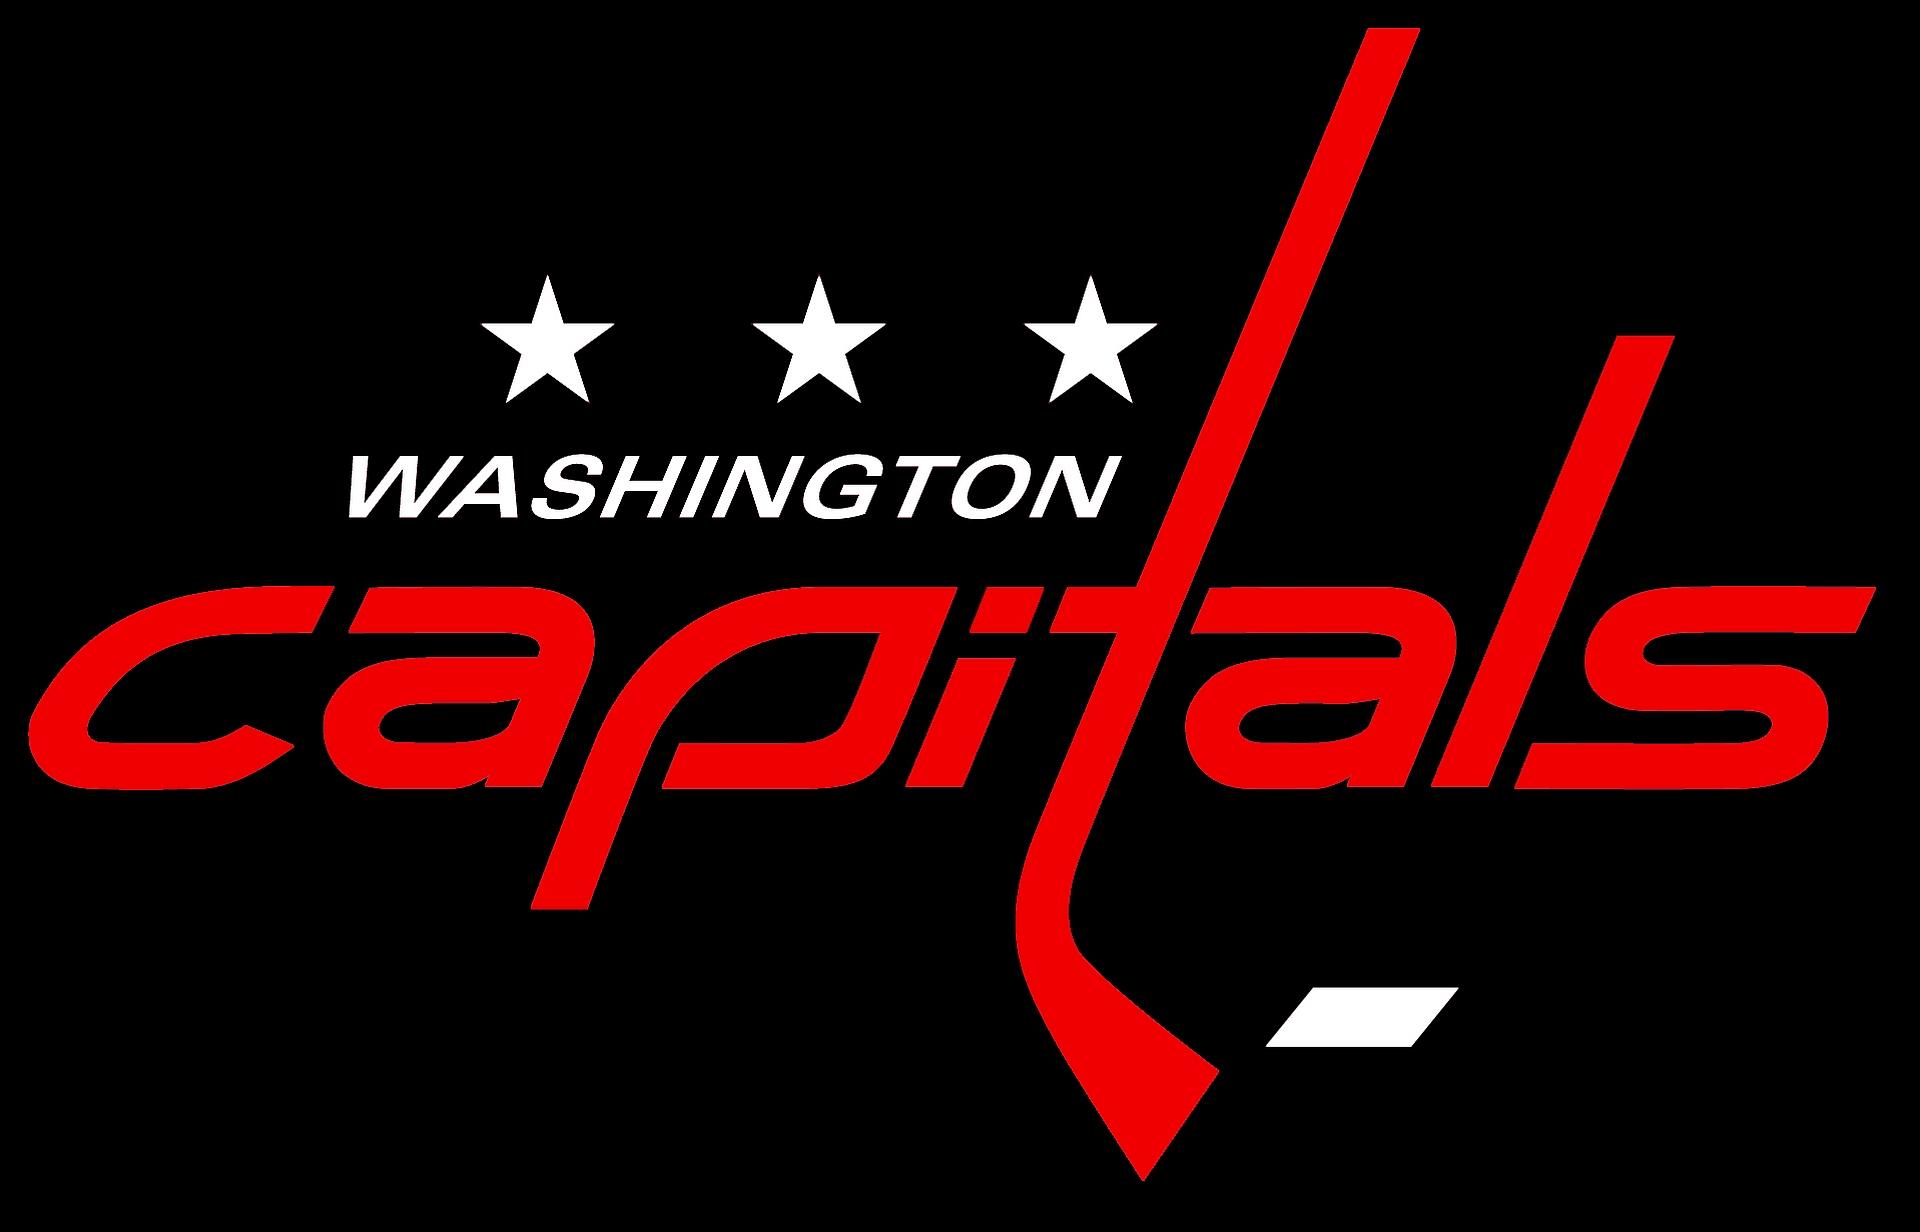 Desktop Champions Washington Wallpaper Capitals